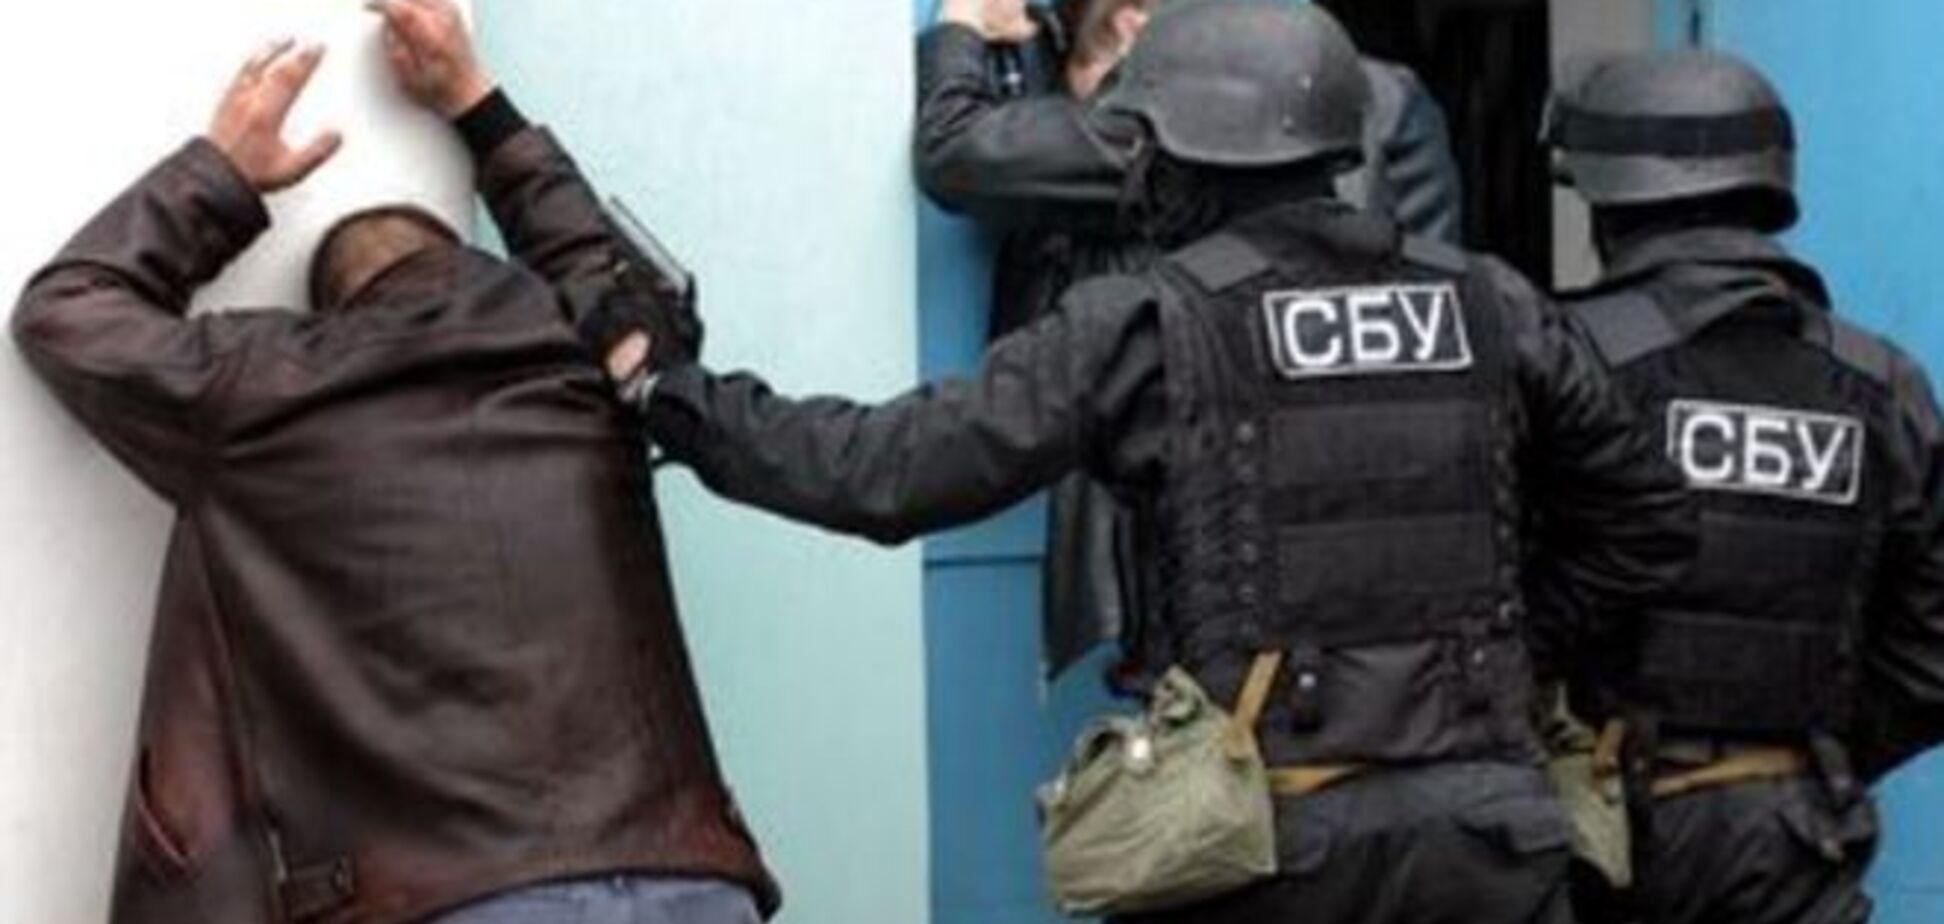 Новий голова СБУ в Закарпатті стежив за 'Евромайданом': документ